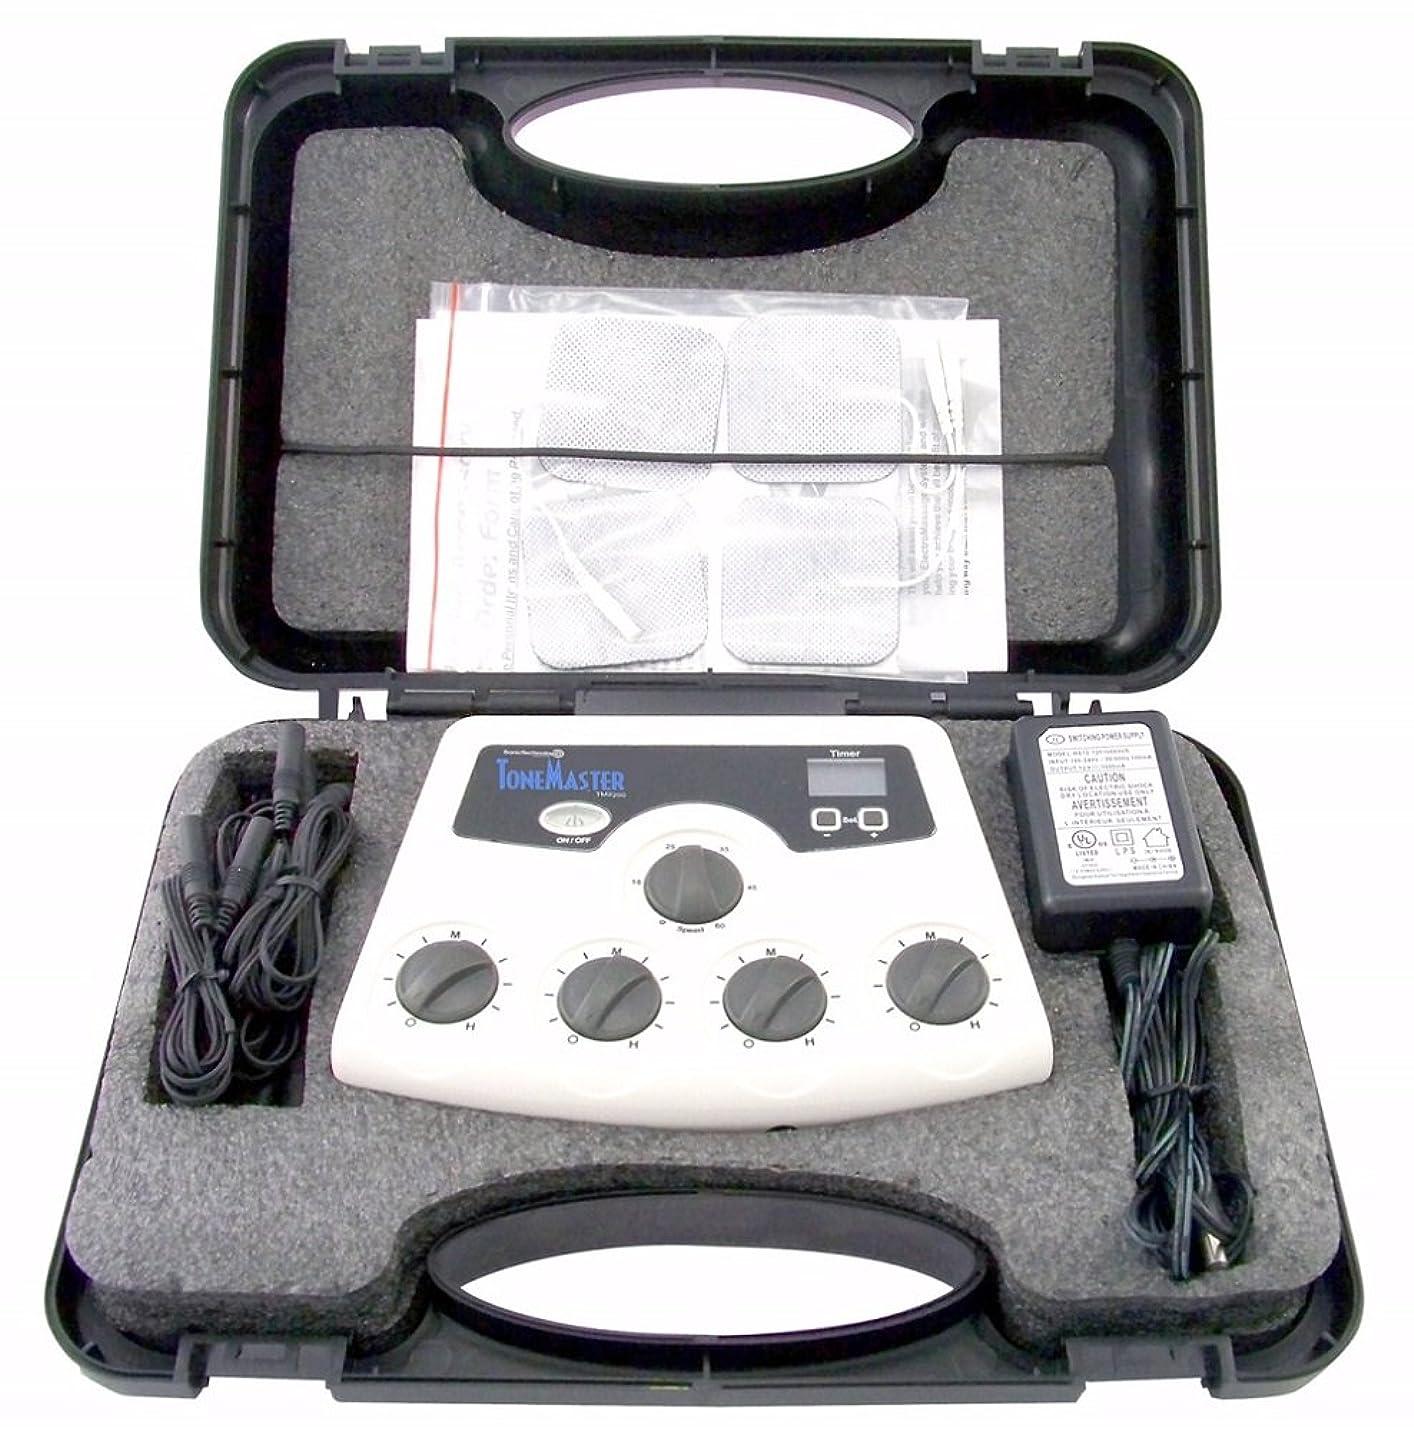 薬を飲む信号組立【米国ソニックテクノロジー社開発】 ポータブルで屋外でも使えるEMS TM-2200 【正規ルート輸入品】